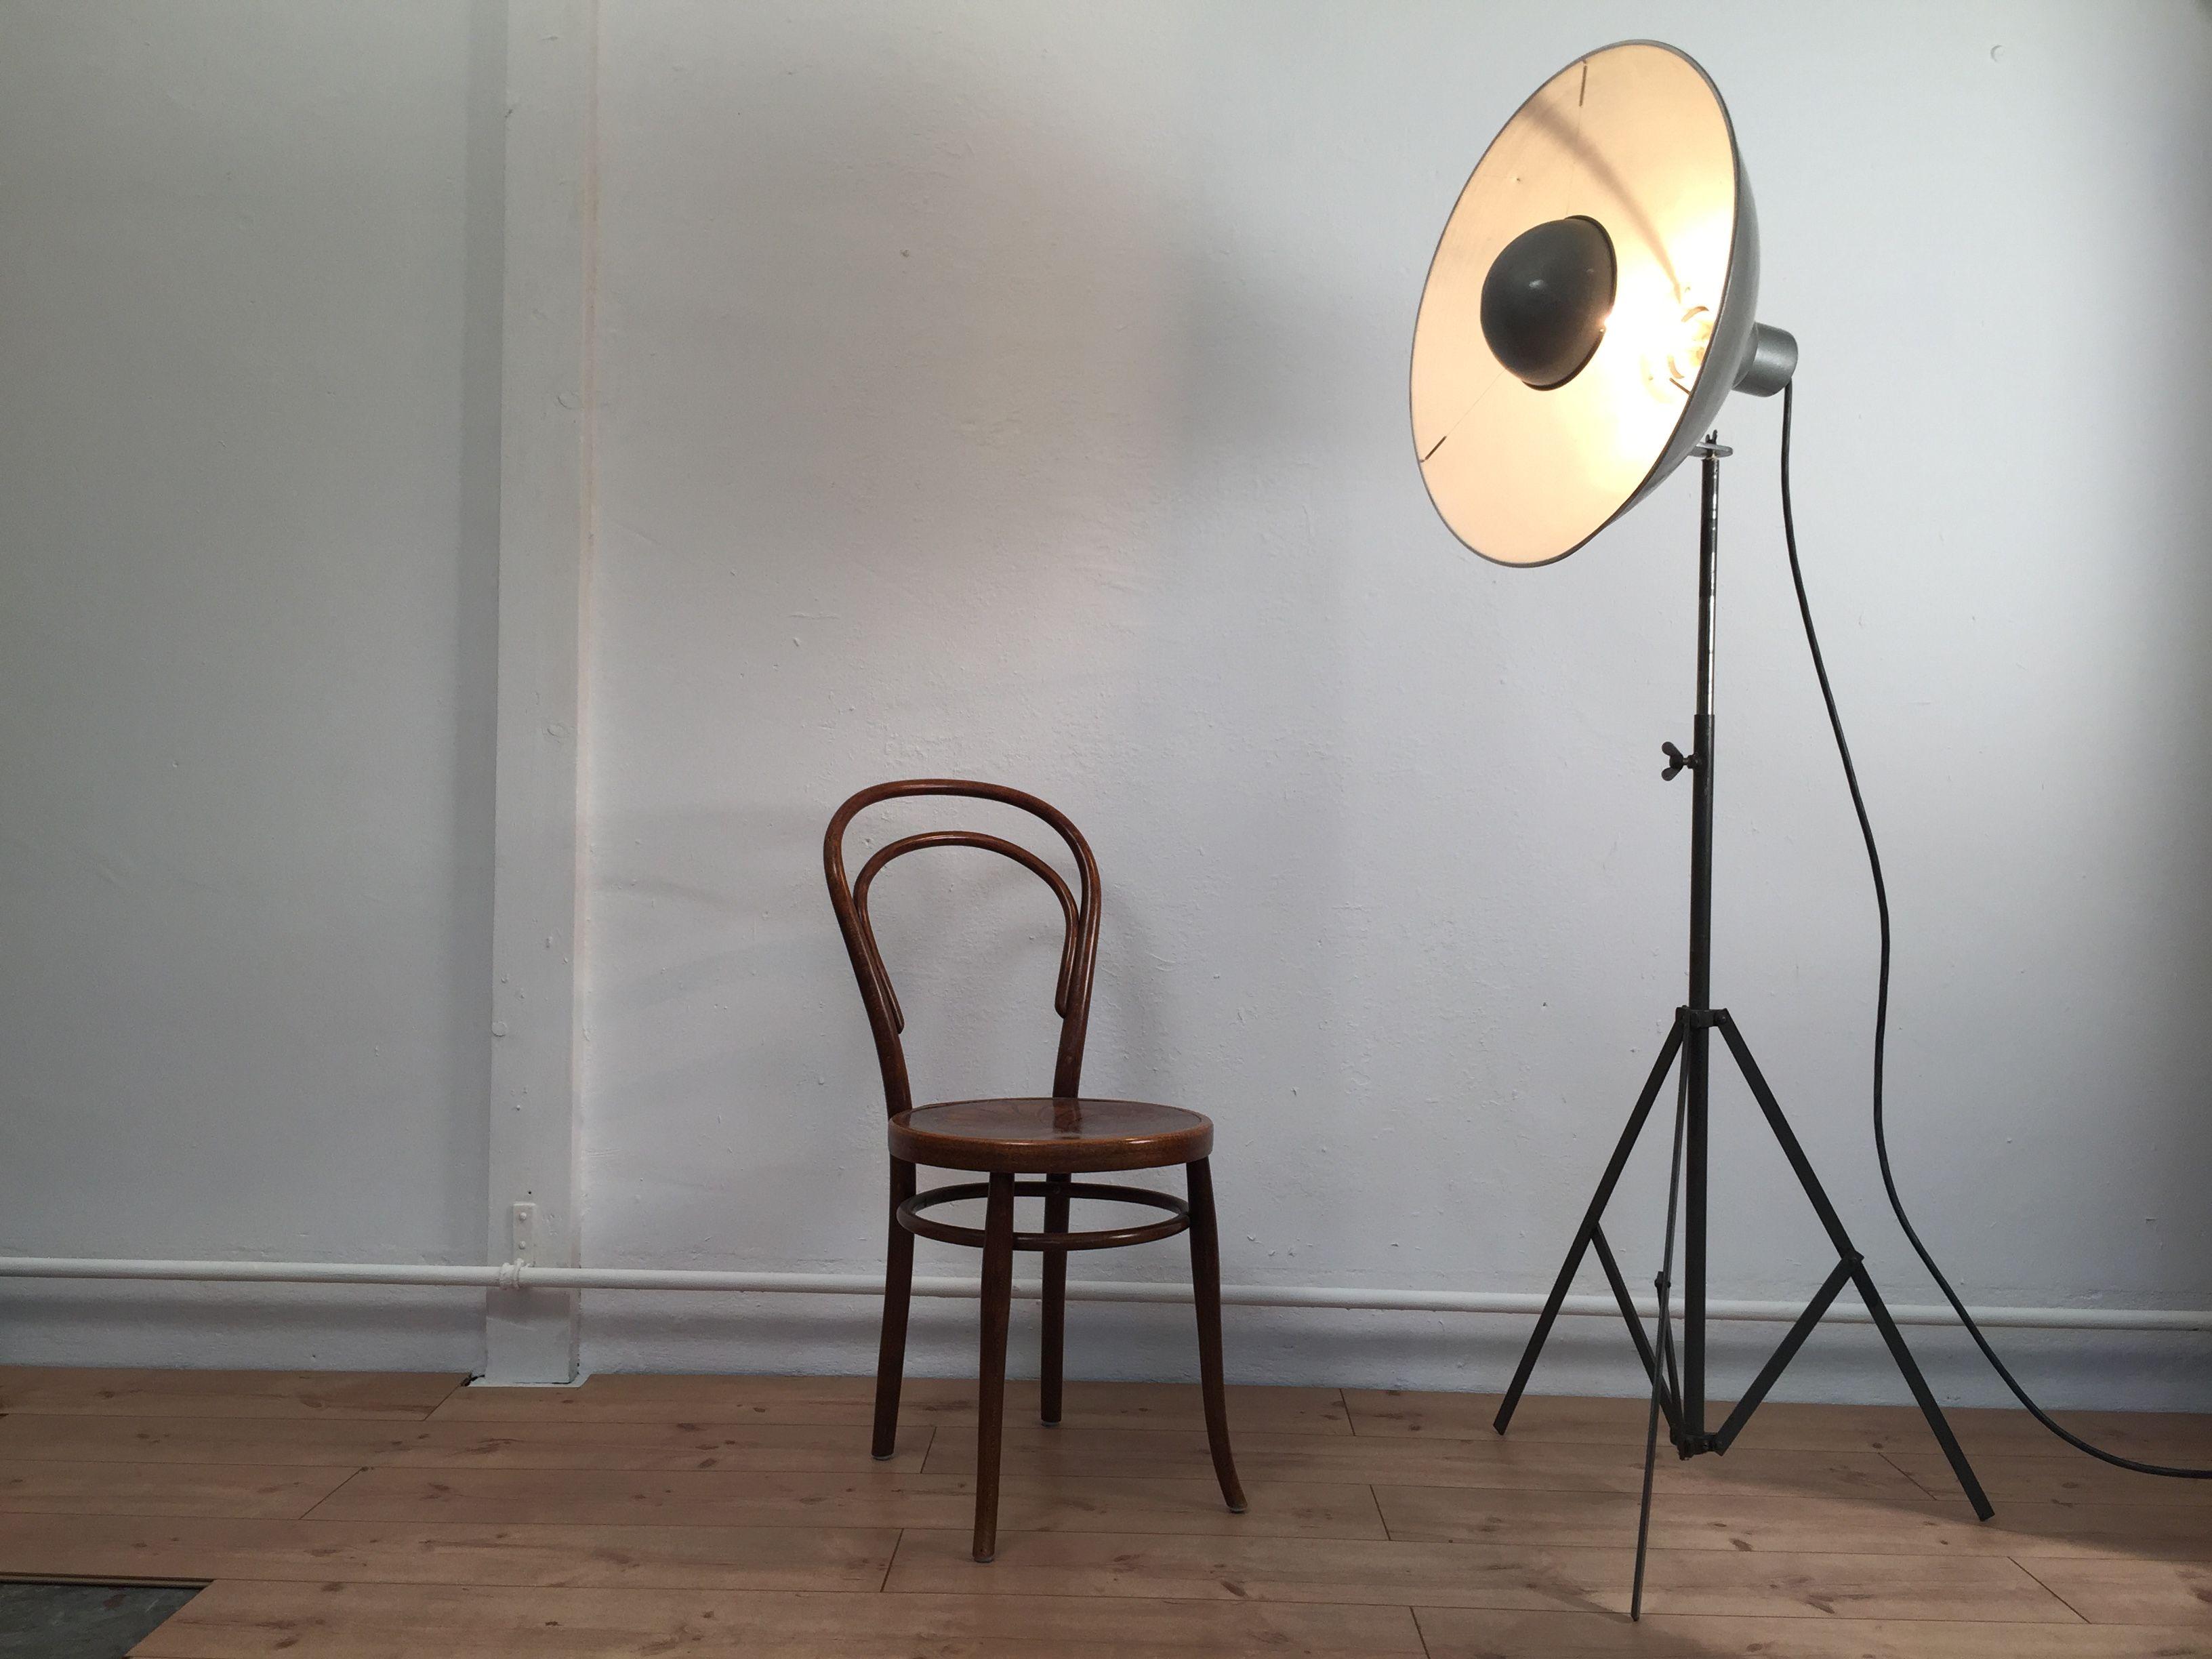 Deckenlampen & Kronleuchter Pendel Industrie Leuchte Rot Lampe Aus Metall Vintage Retro Fabrik Loft Harmonische Farben Möbel & Wohnen